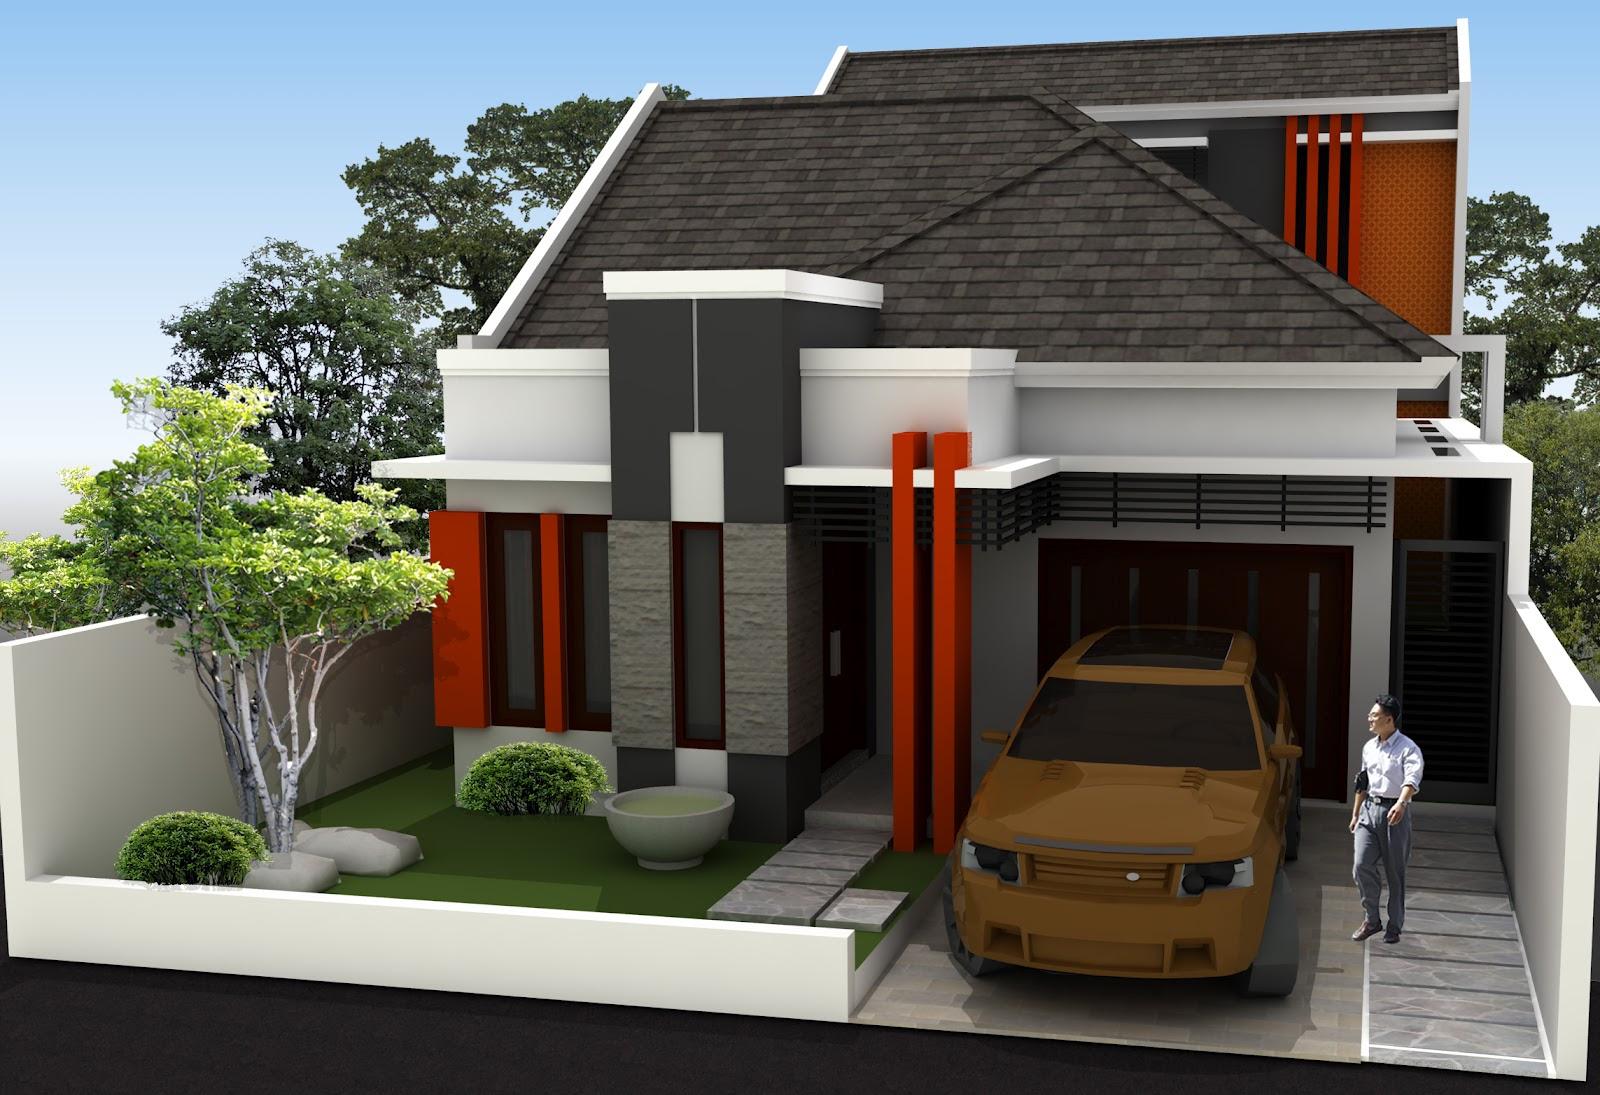 Contoh Model Rumah Minimalis Terbaru 7 Livedesaincom